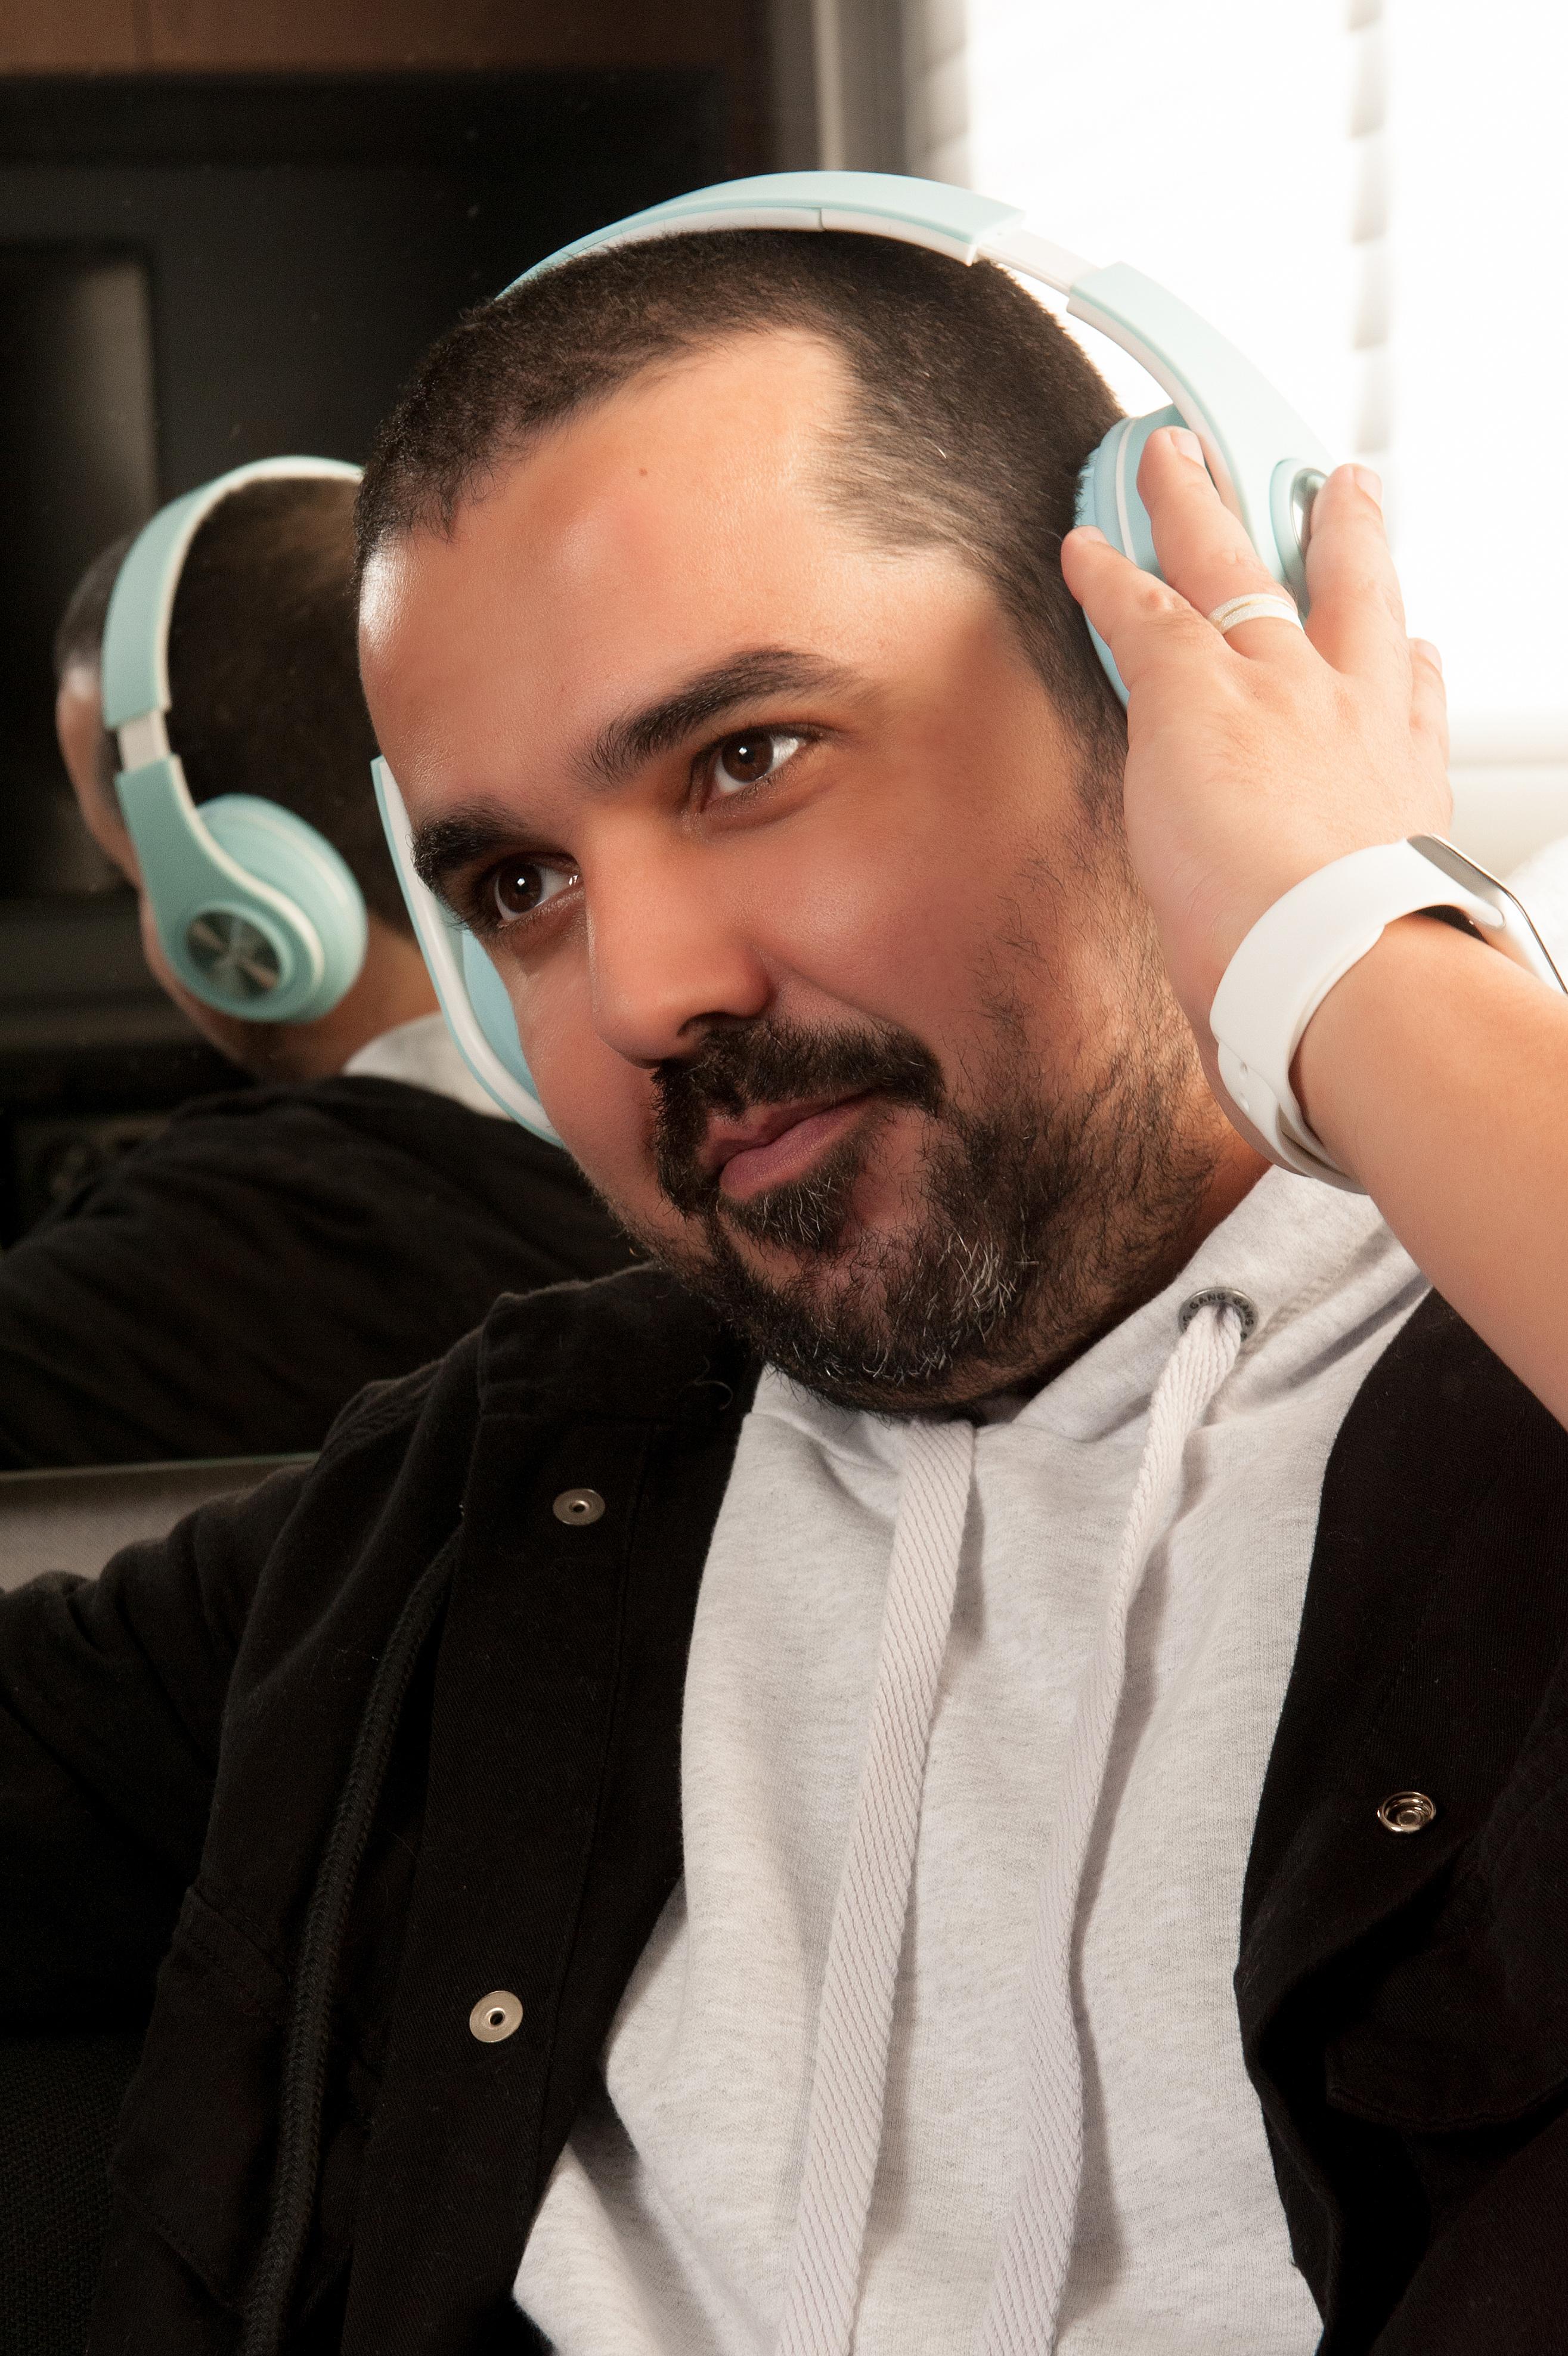 A foto apresenta um homem com um headphone